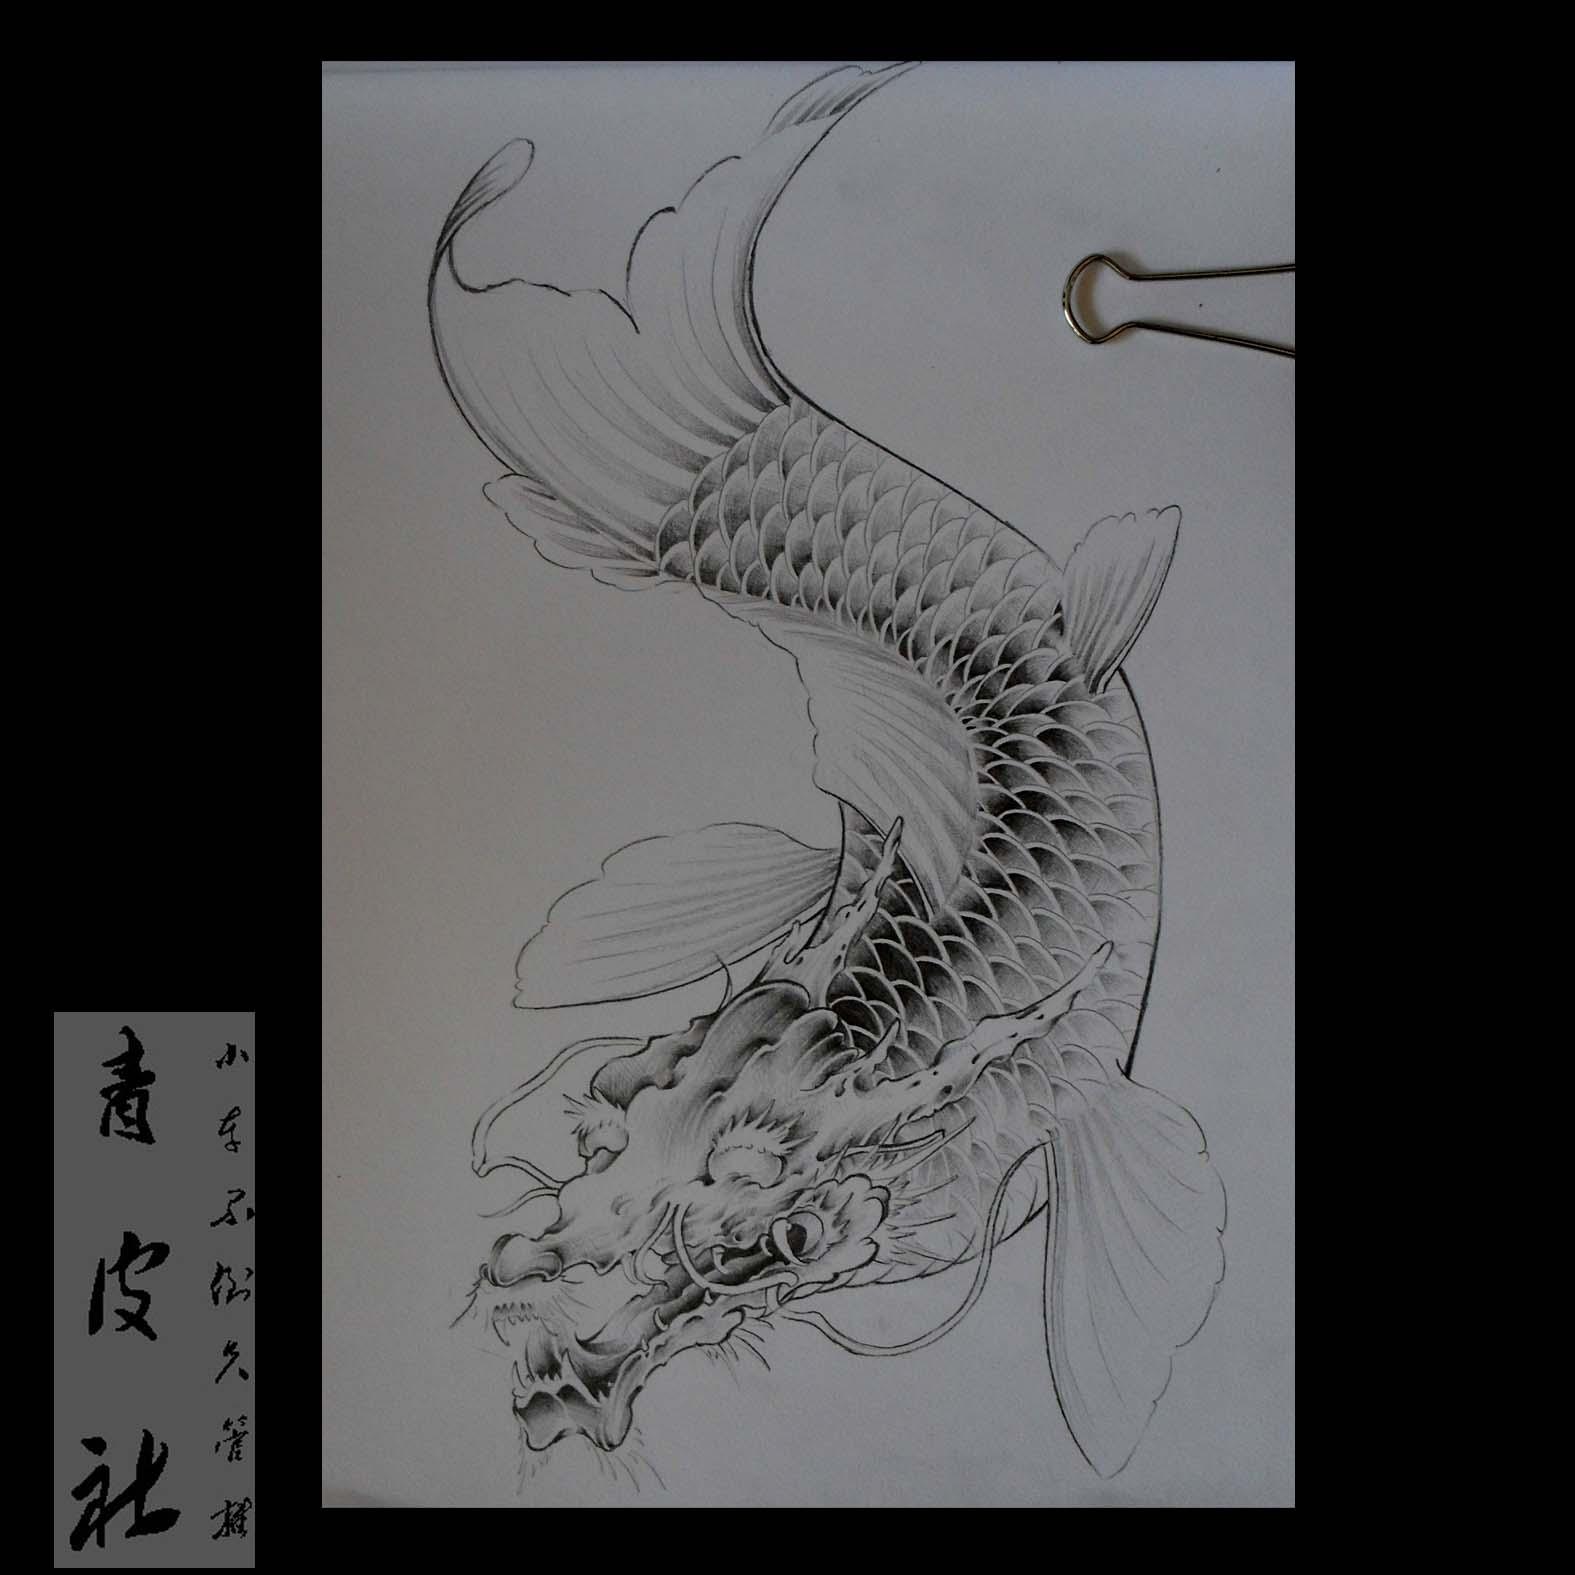 分享一款霸气时尚的鳌鱼纹身图案 高清图片